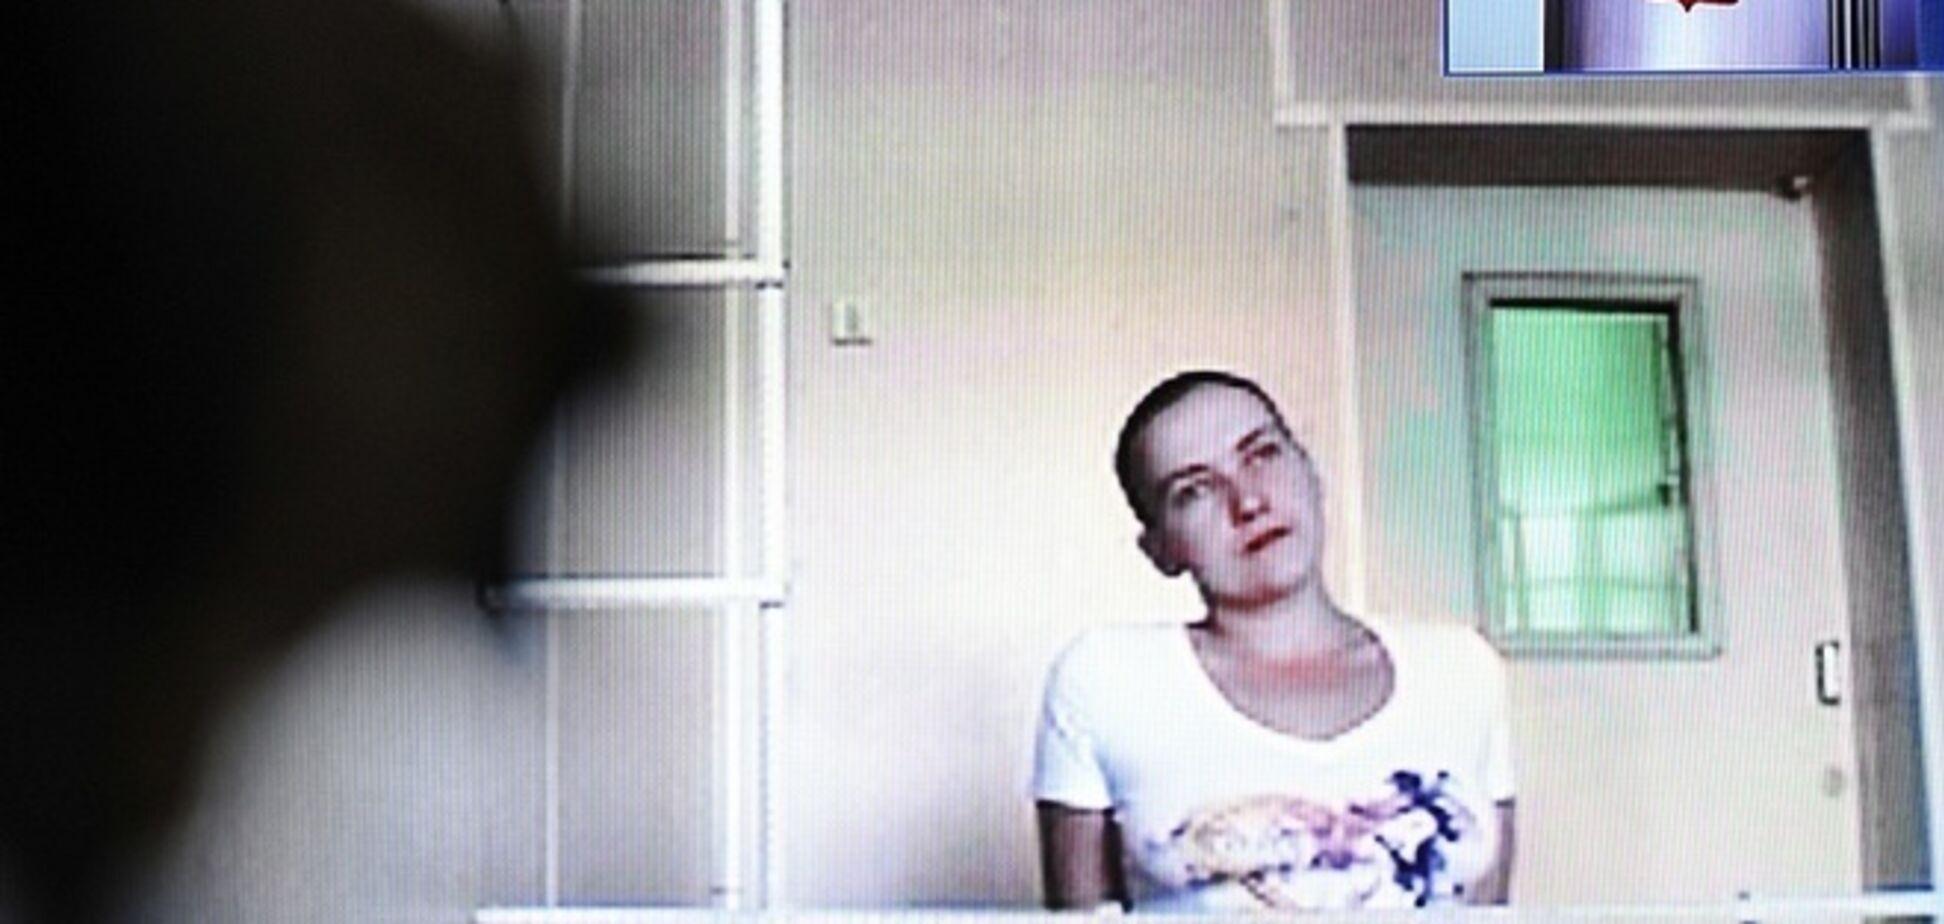 Делегация от 'Батьківщини' отбыла в Москву для участия в суде над Савченко